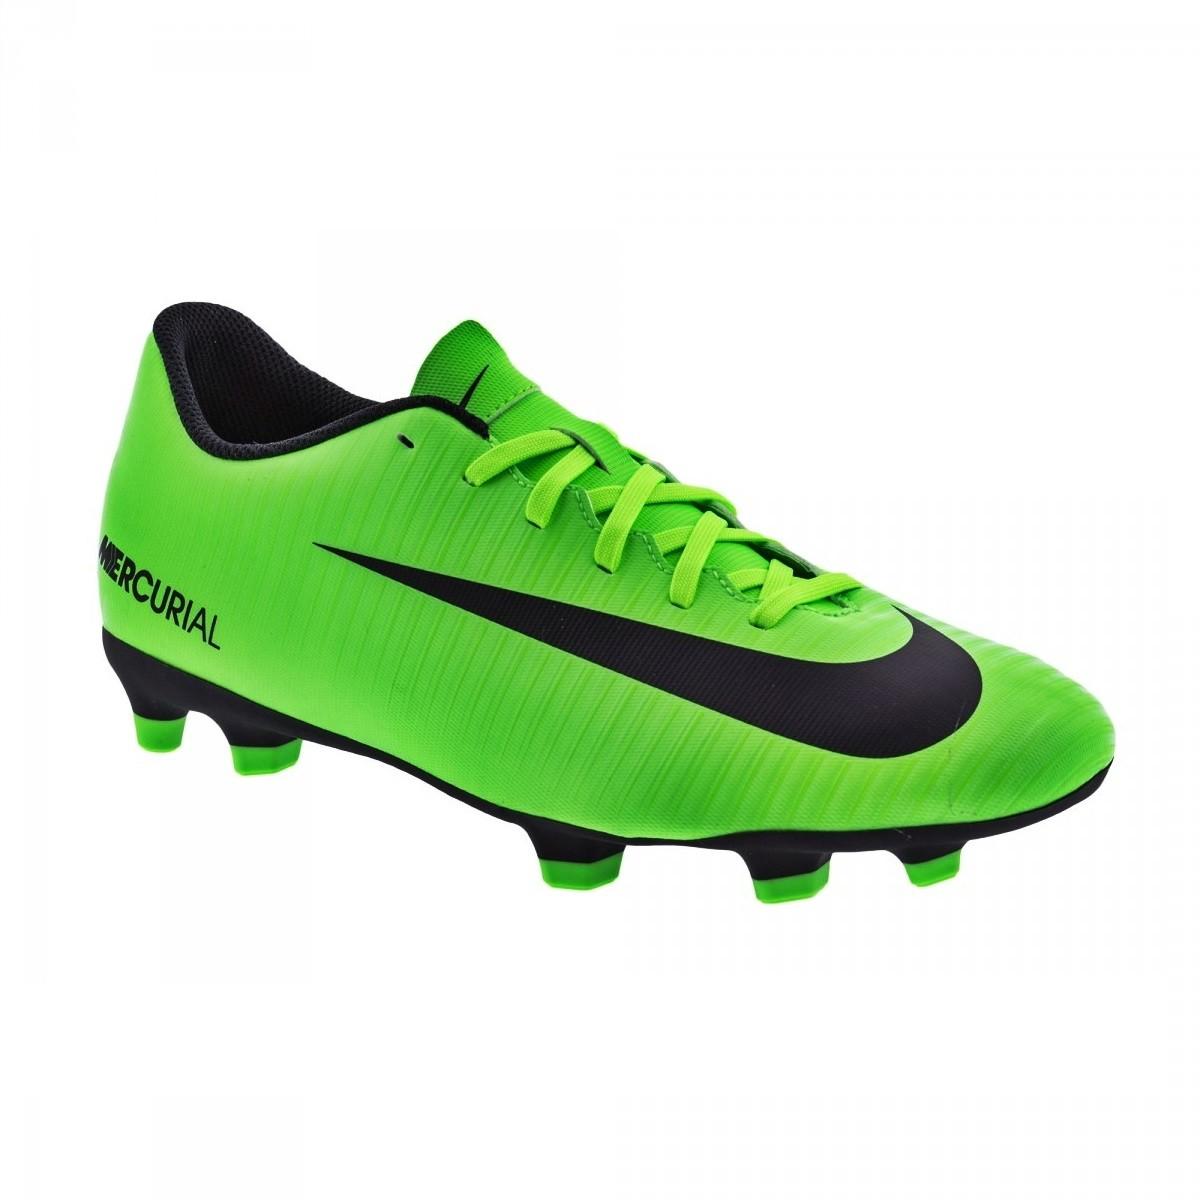 cd12636b74 Amplie a imagem. Chuteira Campo Mercurial Vortex III FG Nike  Chuteira  Campo Mercurial Vortex ...